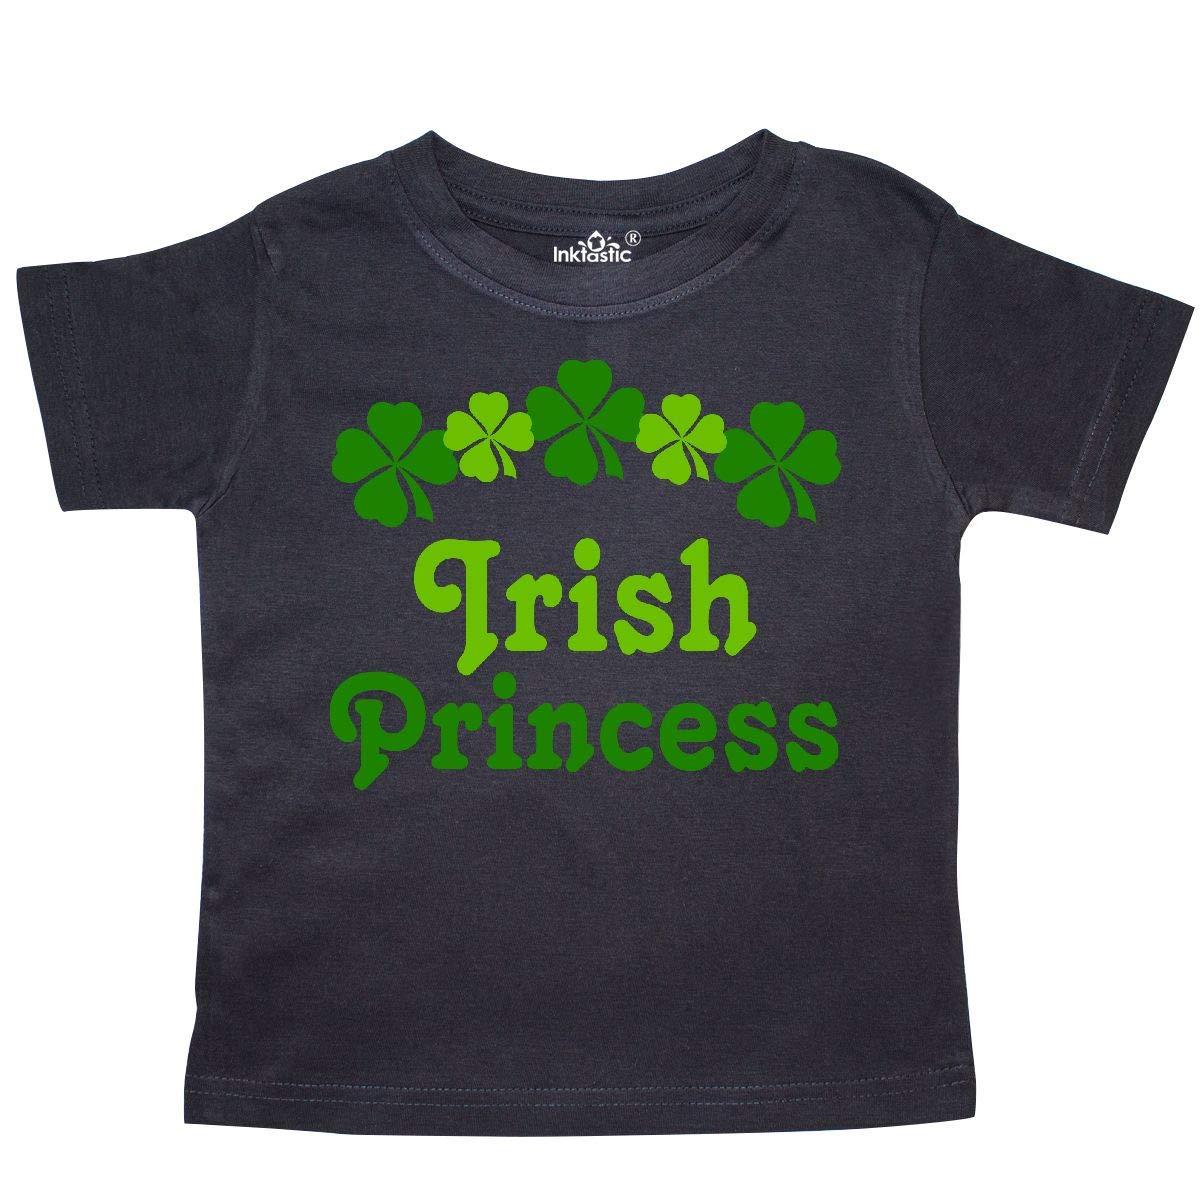 inktastic Irish Princess Toddler T-Shirt Clover